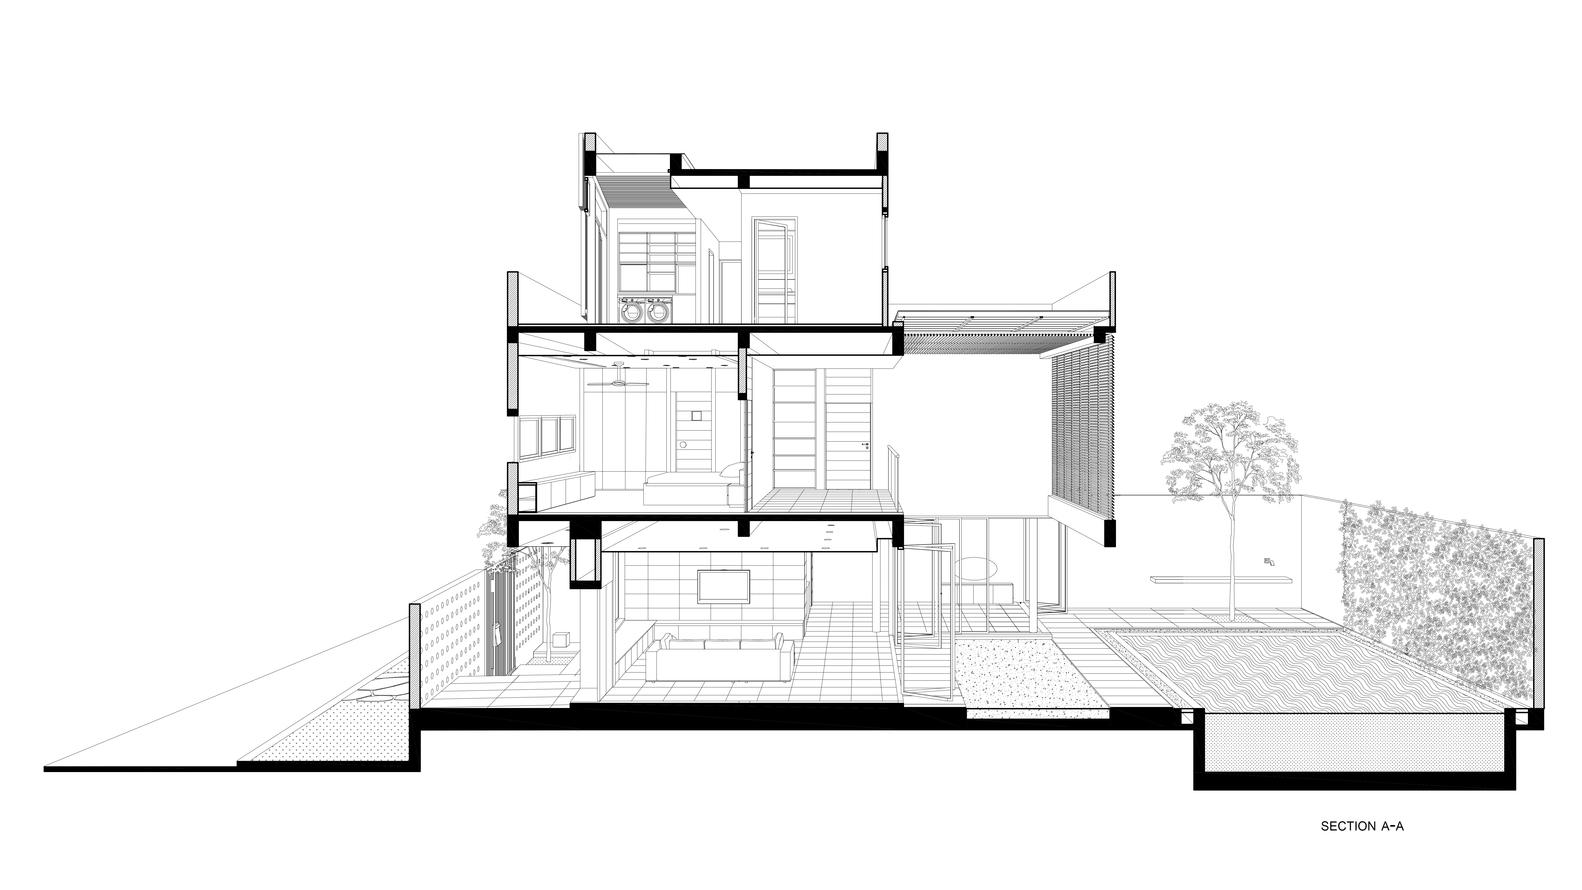 Bố trí mặt bằng - Biệt thự eden villa - 1